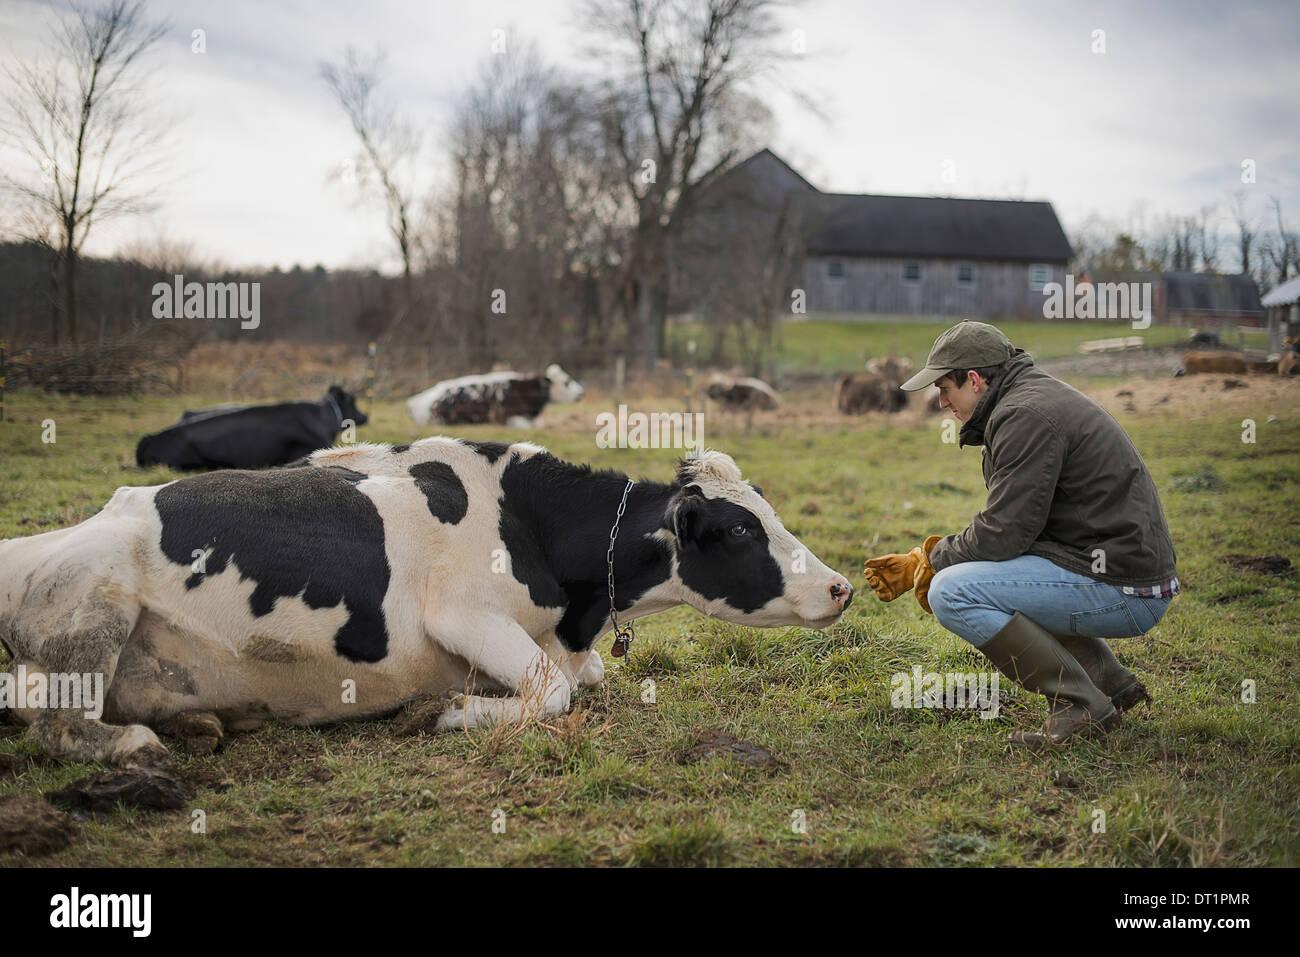 Dairy Farm - Stock Image